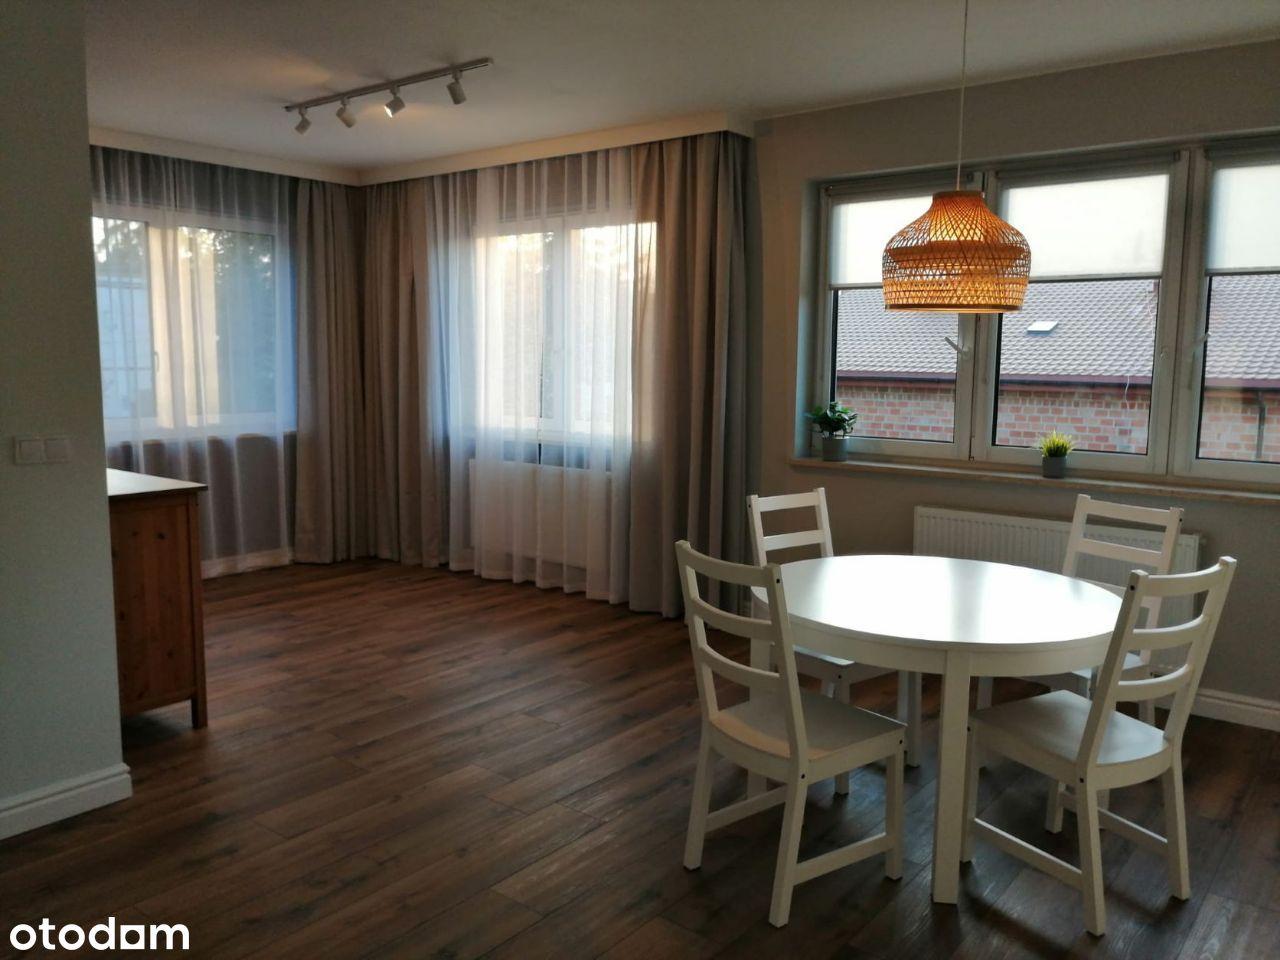 Nowe mieszkanie 67 m2 w dogodnej lokalizacji